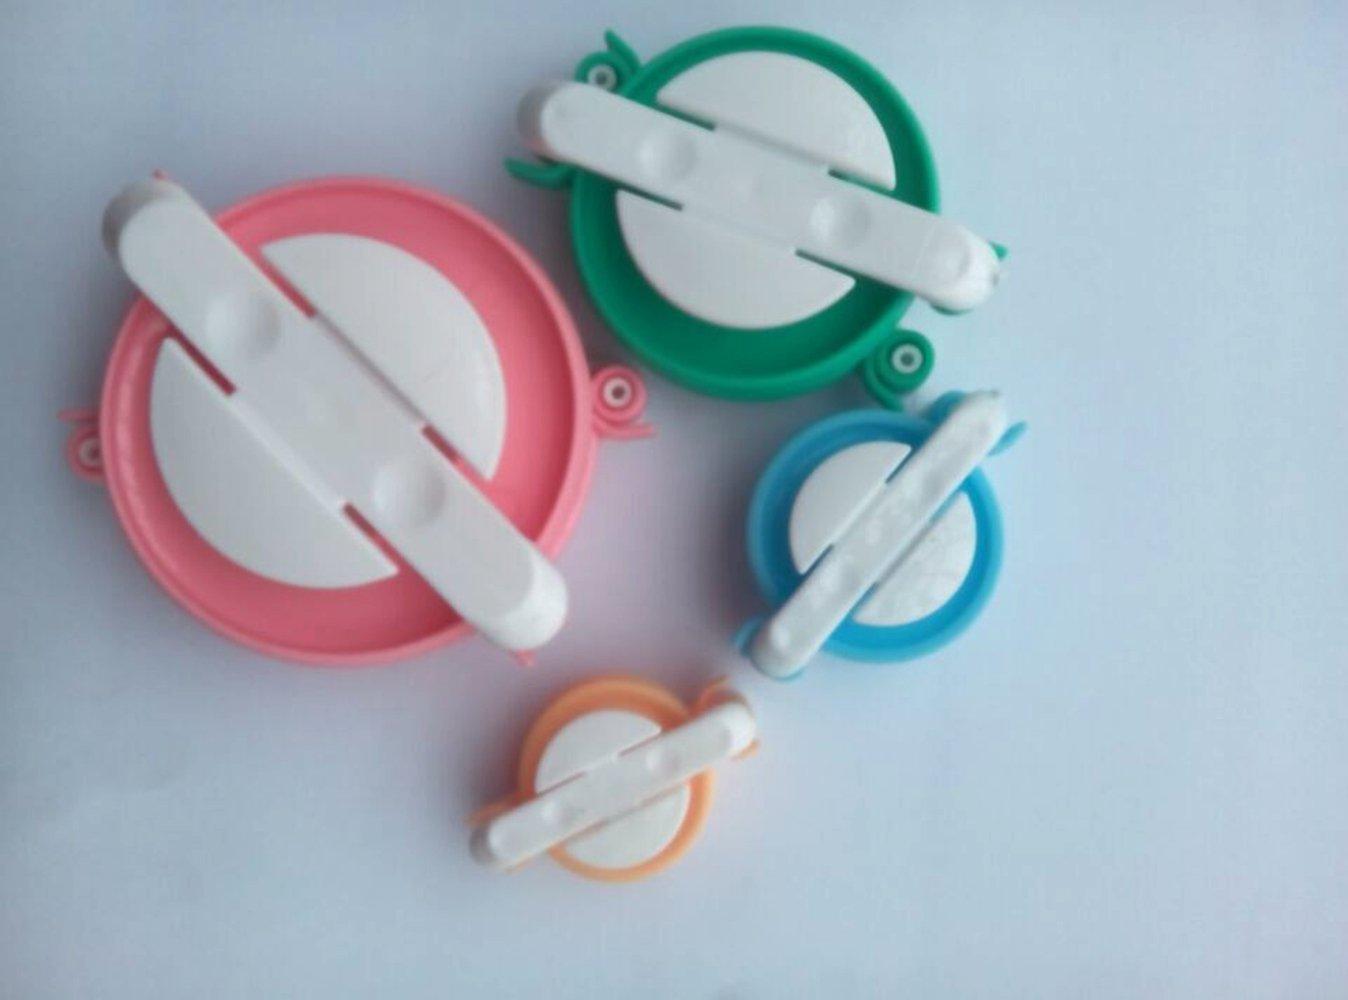 manualidades aguja juego de herramientas de decoraci/ón manualidades lana tejer para hacer pelotas de pelo paquete de 4 para pelo Juego de pompones para hacer pompones de bricolaje